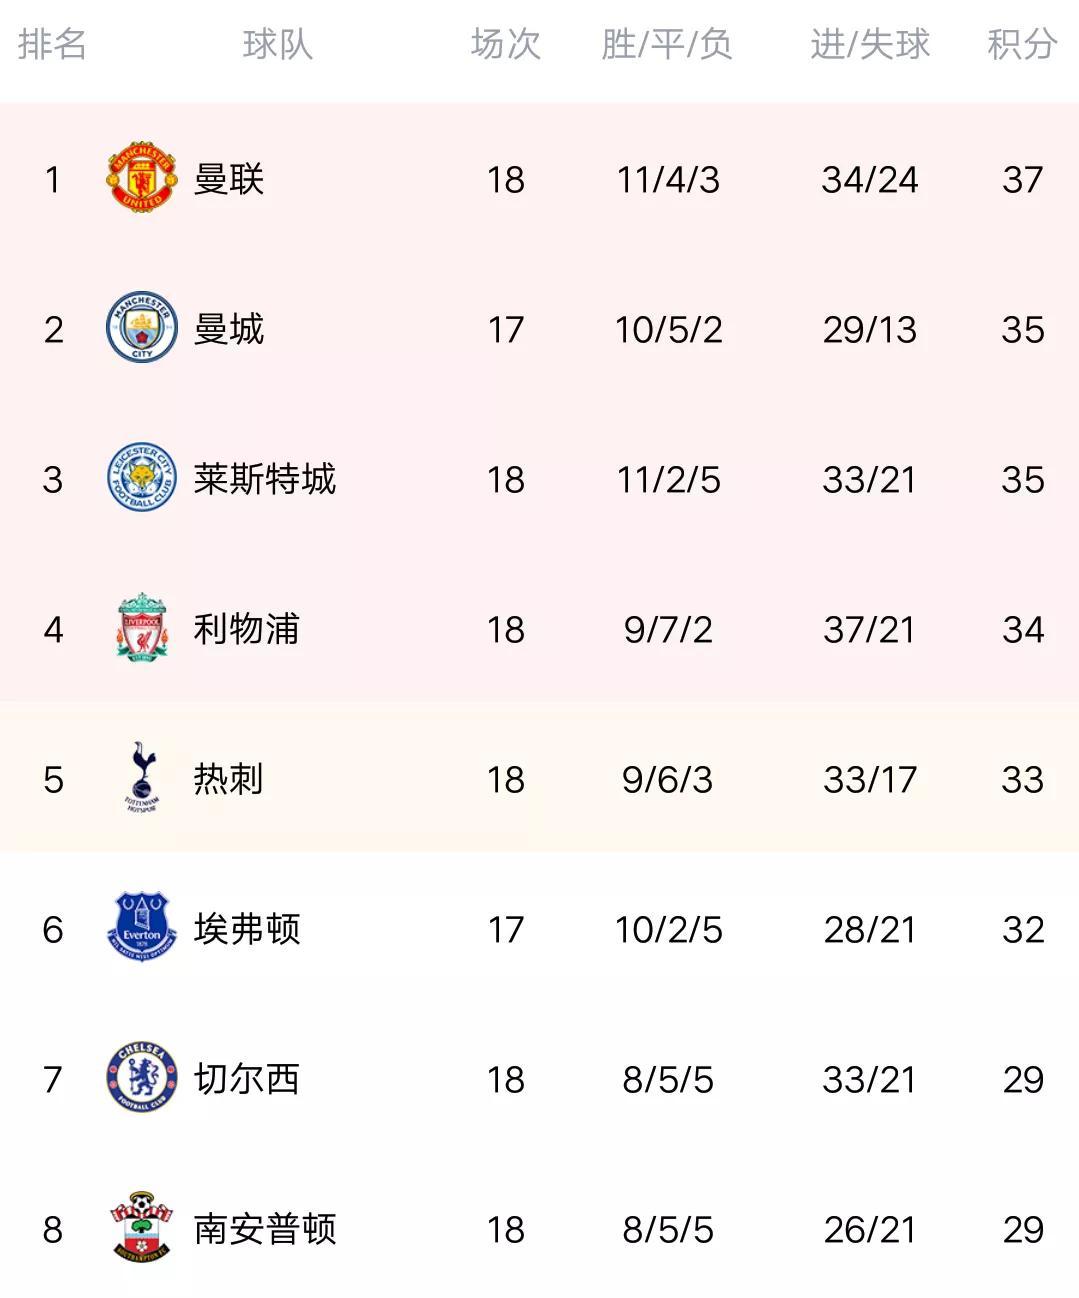 英超最新积分榜:曼联闷平红军,曼城冲到第二,热刺大胜仅排第五